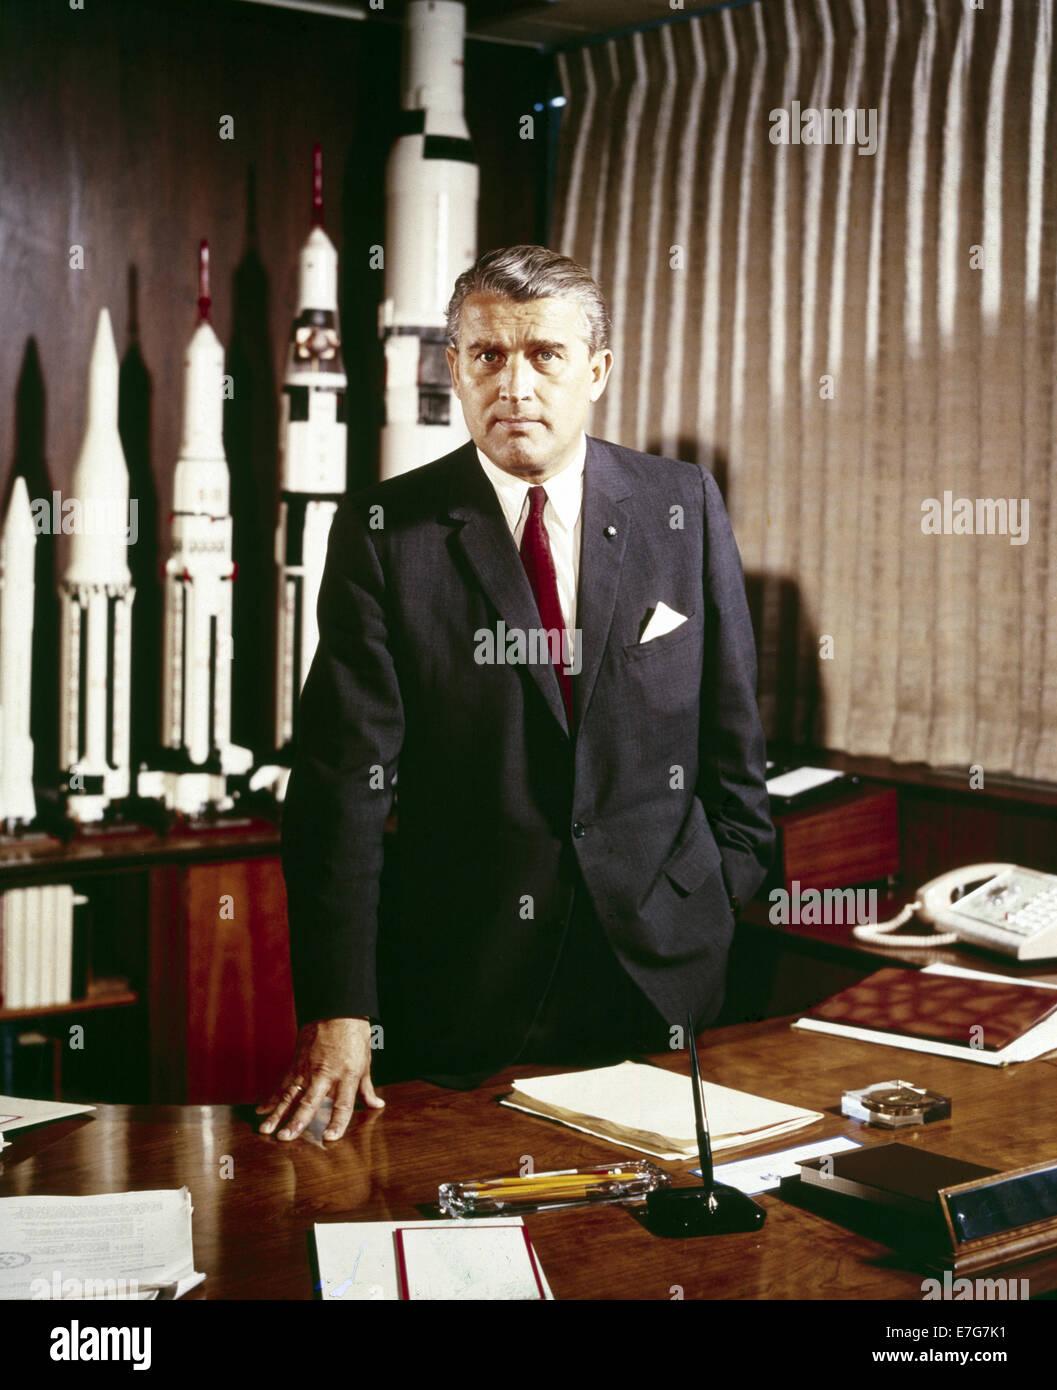 Wernher Magnus Maximilian Freiherr von Braun. Deutscher und US-amerikanischer Luft-und Raumfahrt-Ingenieur und Raum Architekt. Stockfoto